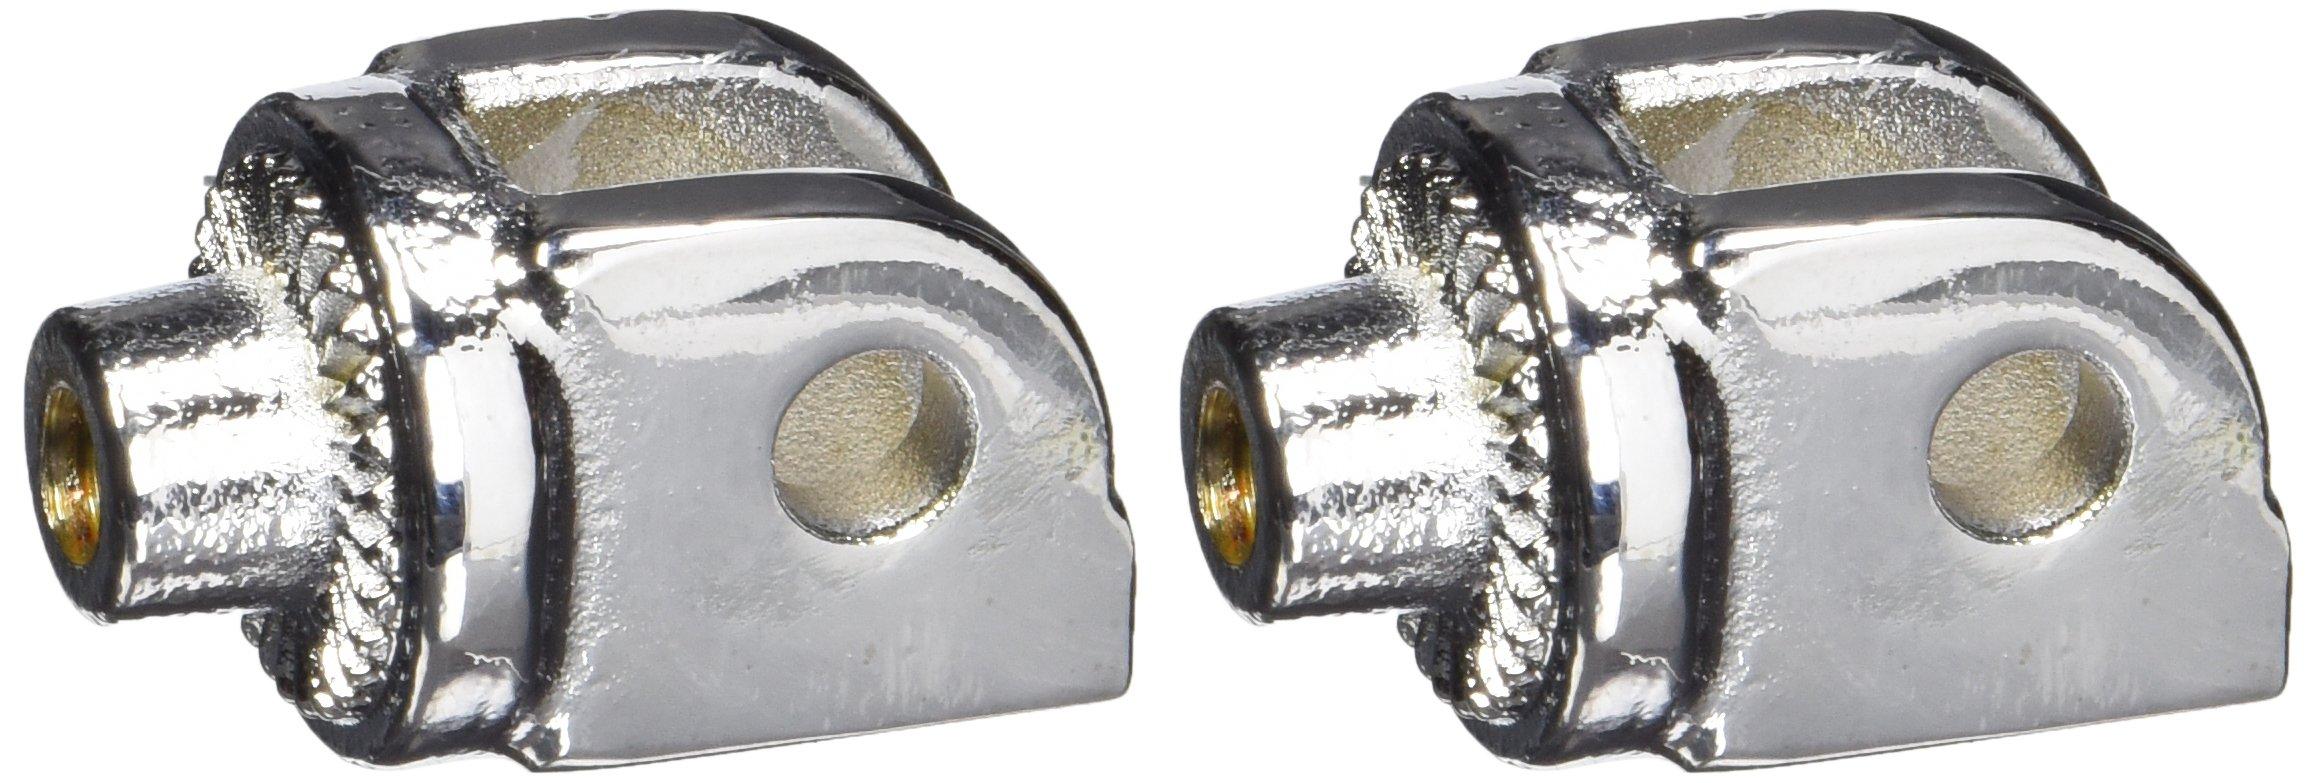 Kuryakyn 8808 Splined Adapter Mount